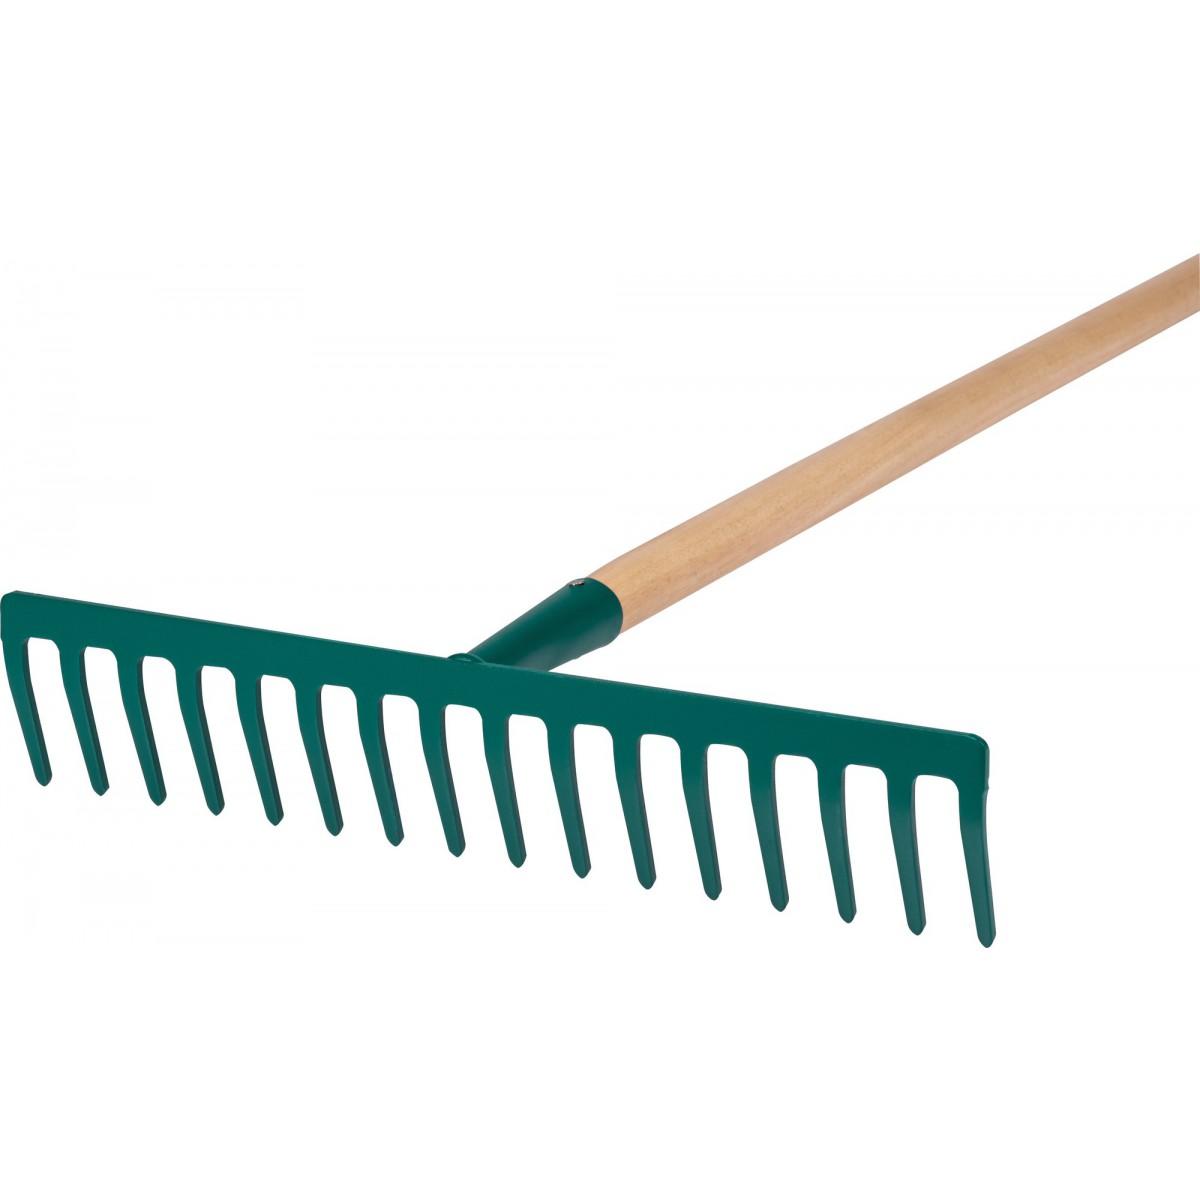 Râteau forgé Cap Vert - Emmanché 16 dents droites